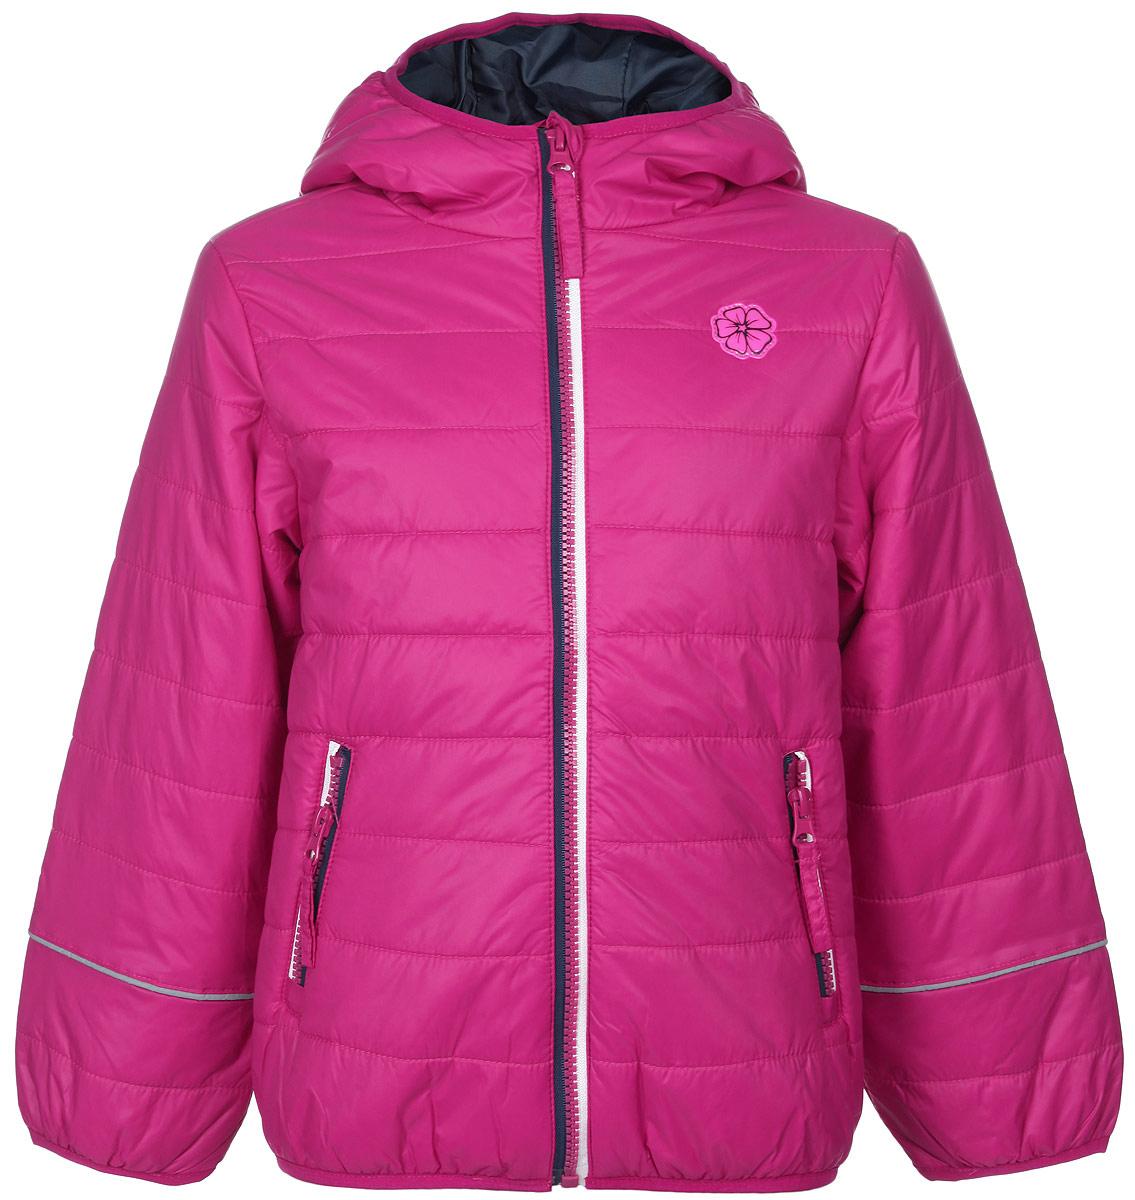 Куртка для девочки Sela, цвет: фуксия. Cp-526/615-6102. Размер 110, 5 летCp-526/615-6102Яркая куртка для девочки Sela идеально подойдет вашему ребенку в прохладную погоду. Модель изготовлена из нейлона на подкладке из полиэстера, в качестве утеплителя используется тонкая прослойка синтепона. Благодаря своему составу, куртка очень легкая, максимально удерживает тепло, отлично сохраняет свой внешний вид даже при многократных стирках, быстро сохнет. Куртка с капюшоном застегивается на пластиковую молнию с защитой подбородка и дополнительно имеет внутреннюю ветрозащитную планку. Капюшон не отстегивается, дополнен по краю скрытой эластичной резинкой. Спереди предусмотрены два прорезных кармана на застежках-молниях. По краям рукавов и по низу изделия проходит эластичная резинка. Куртка дополнена светоотражающими элементами для безопасности ребенка в темное время суток. Спереди модель украшена яркой нашивкой в виде цветка.Легкая, комфортная и теплая куртка идеально подойдет для прогулок и игр на свежем воздухе!